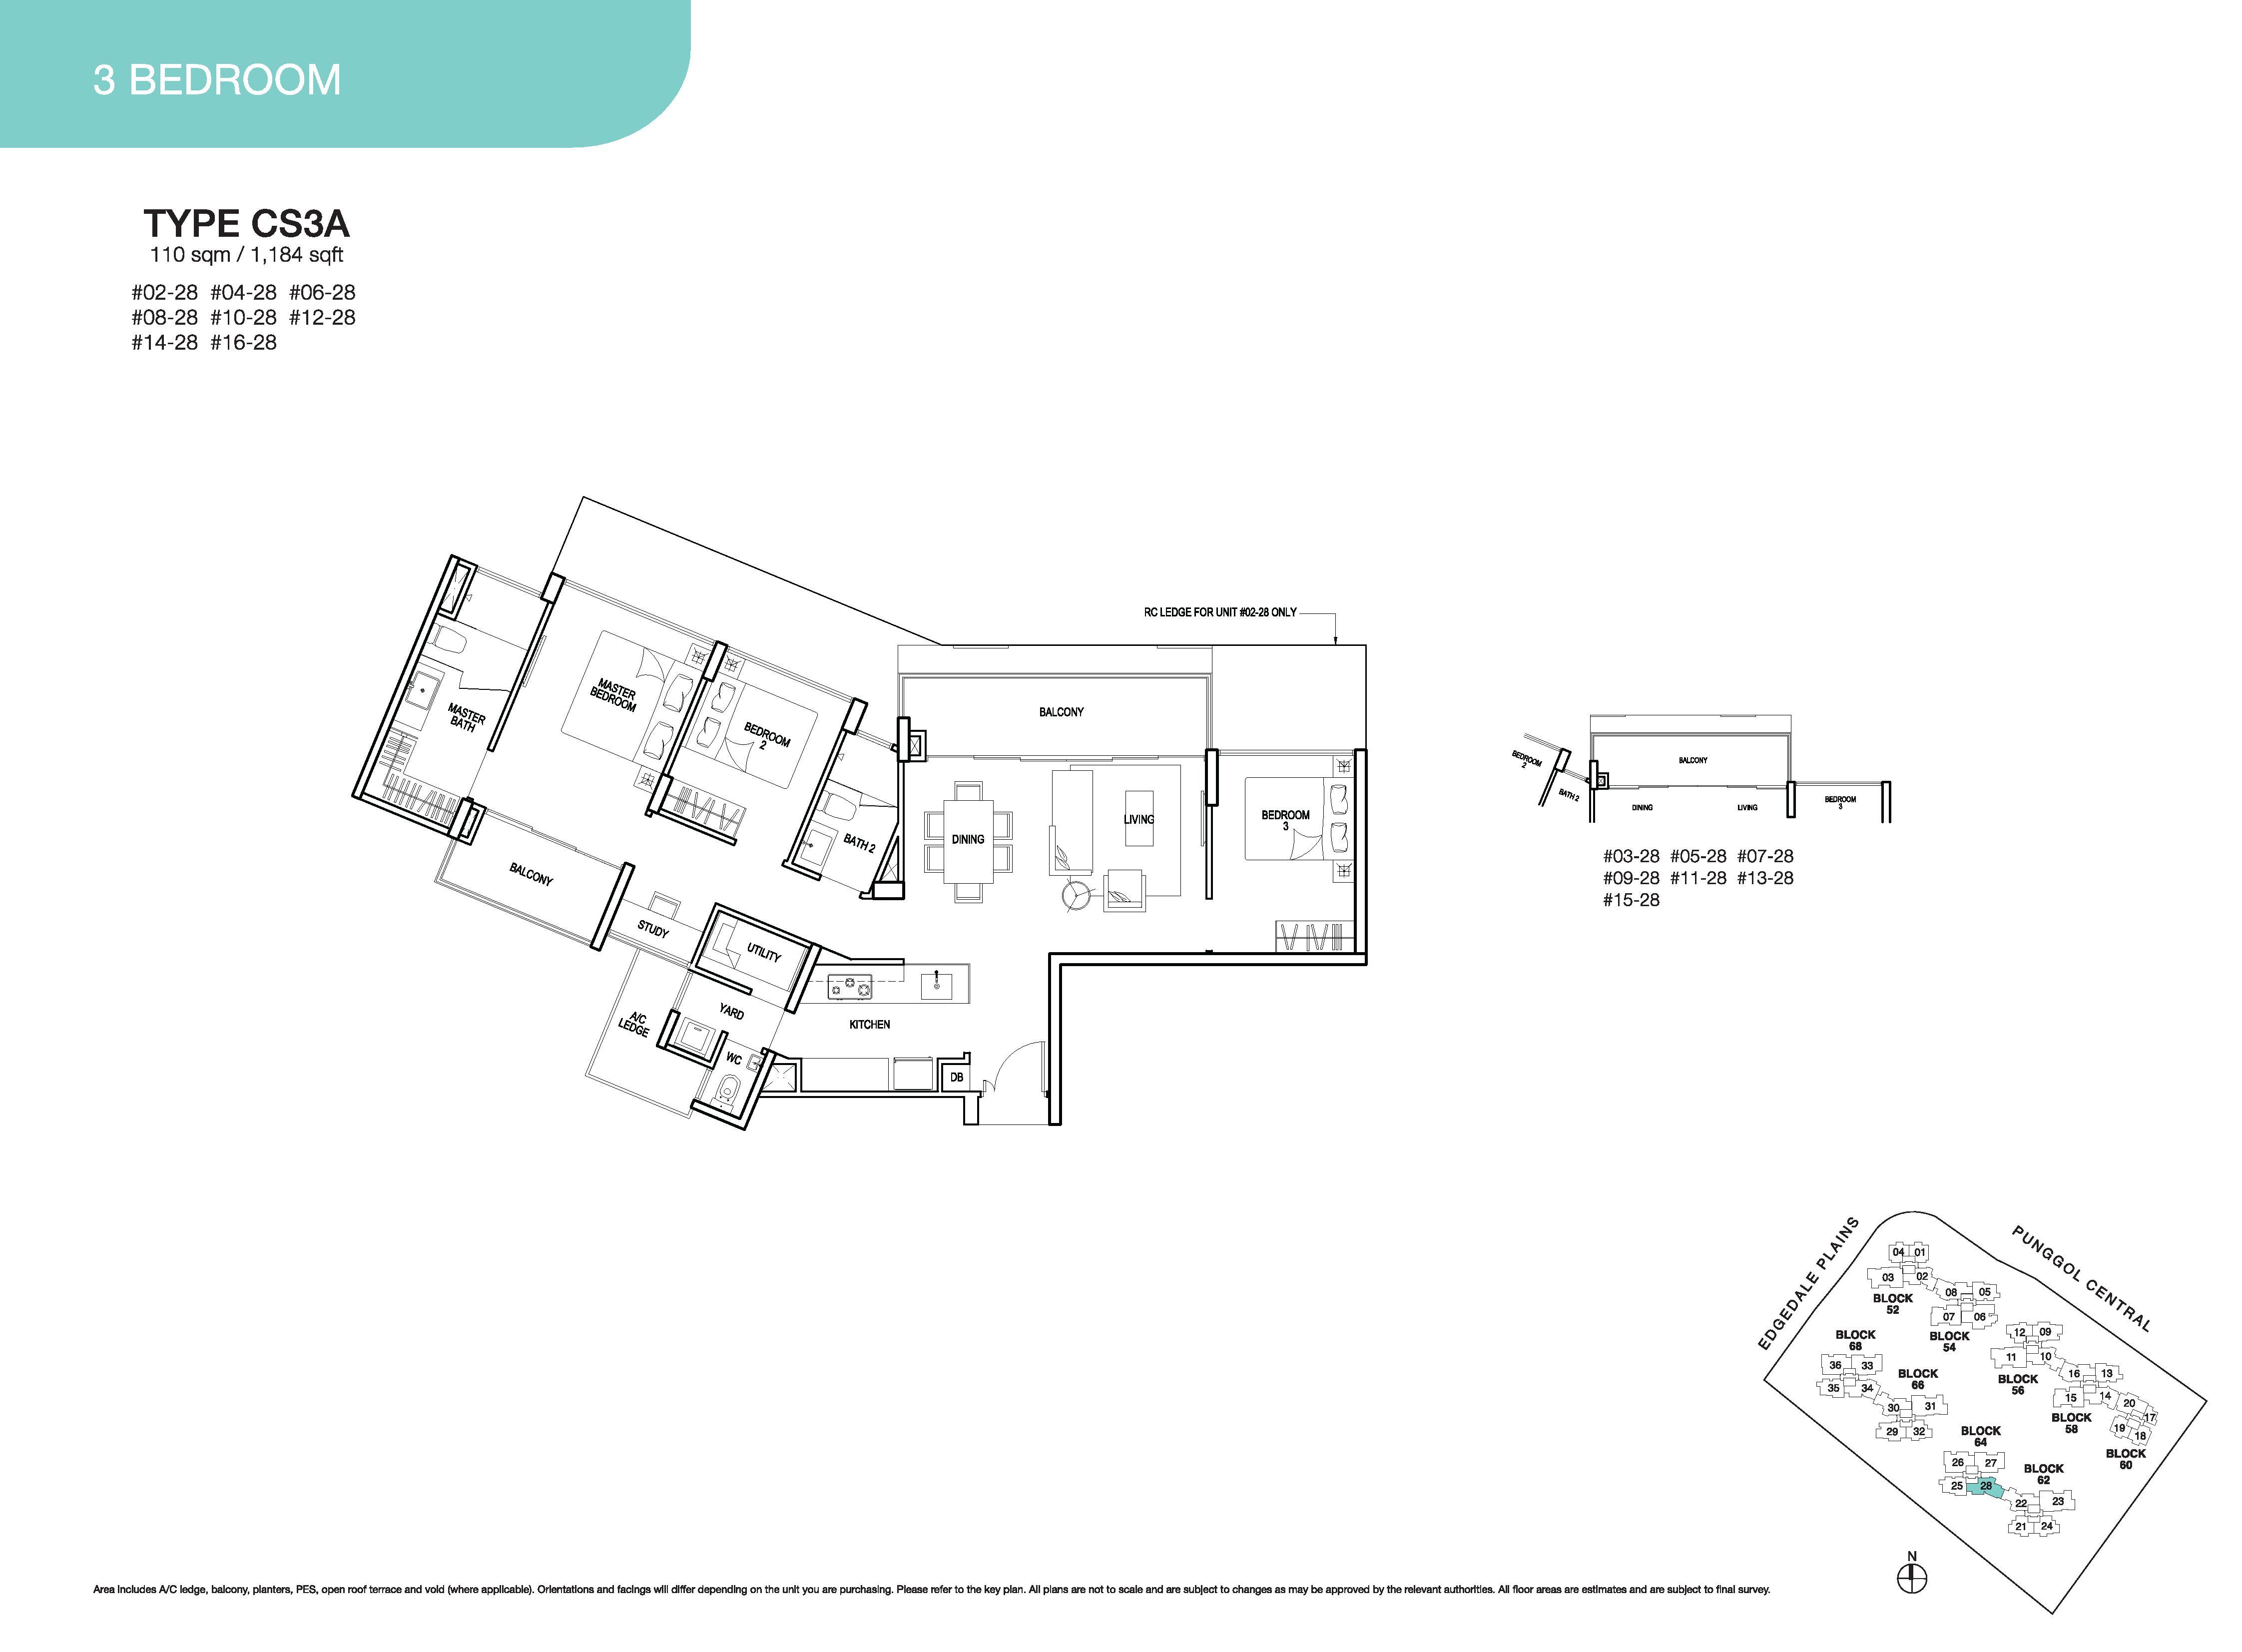 River Isles 3 Bedroom Floor Plans Type CS3A